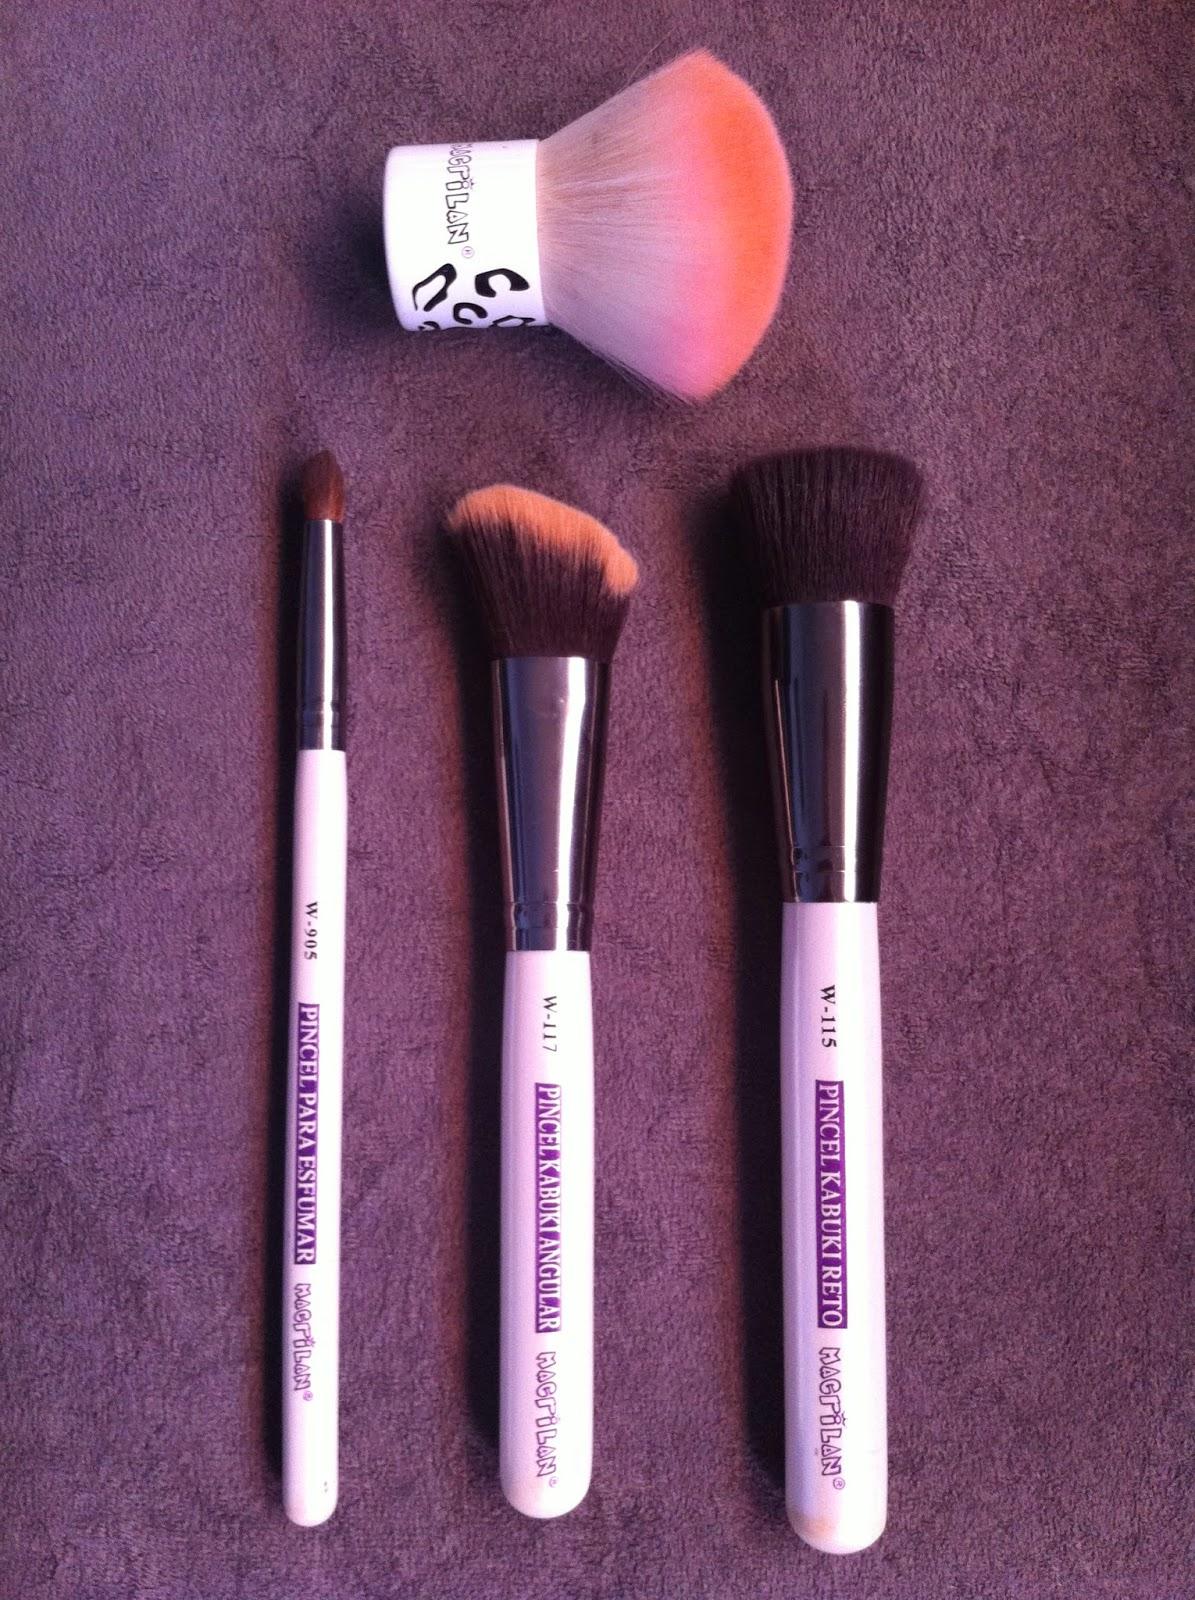 pincel para maquiagem, macrilan, kabuki, pó, base, esfumar, sombra, blush, contorno